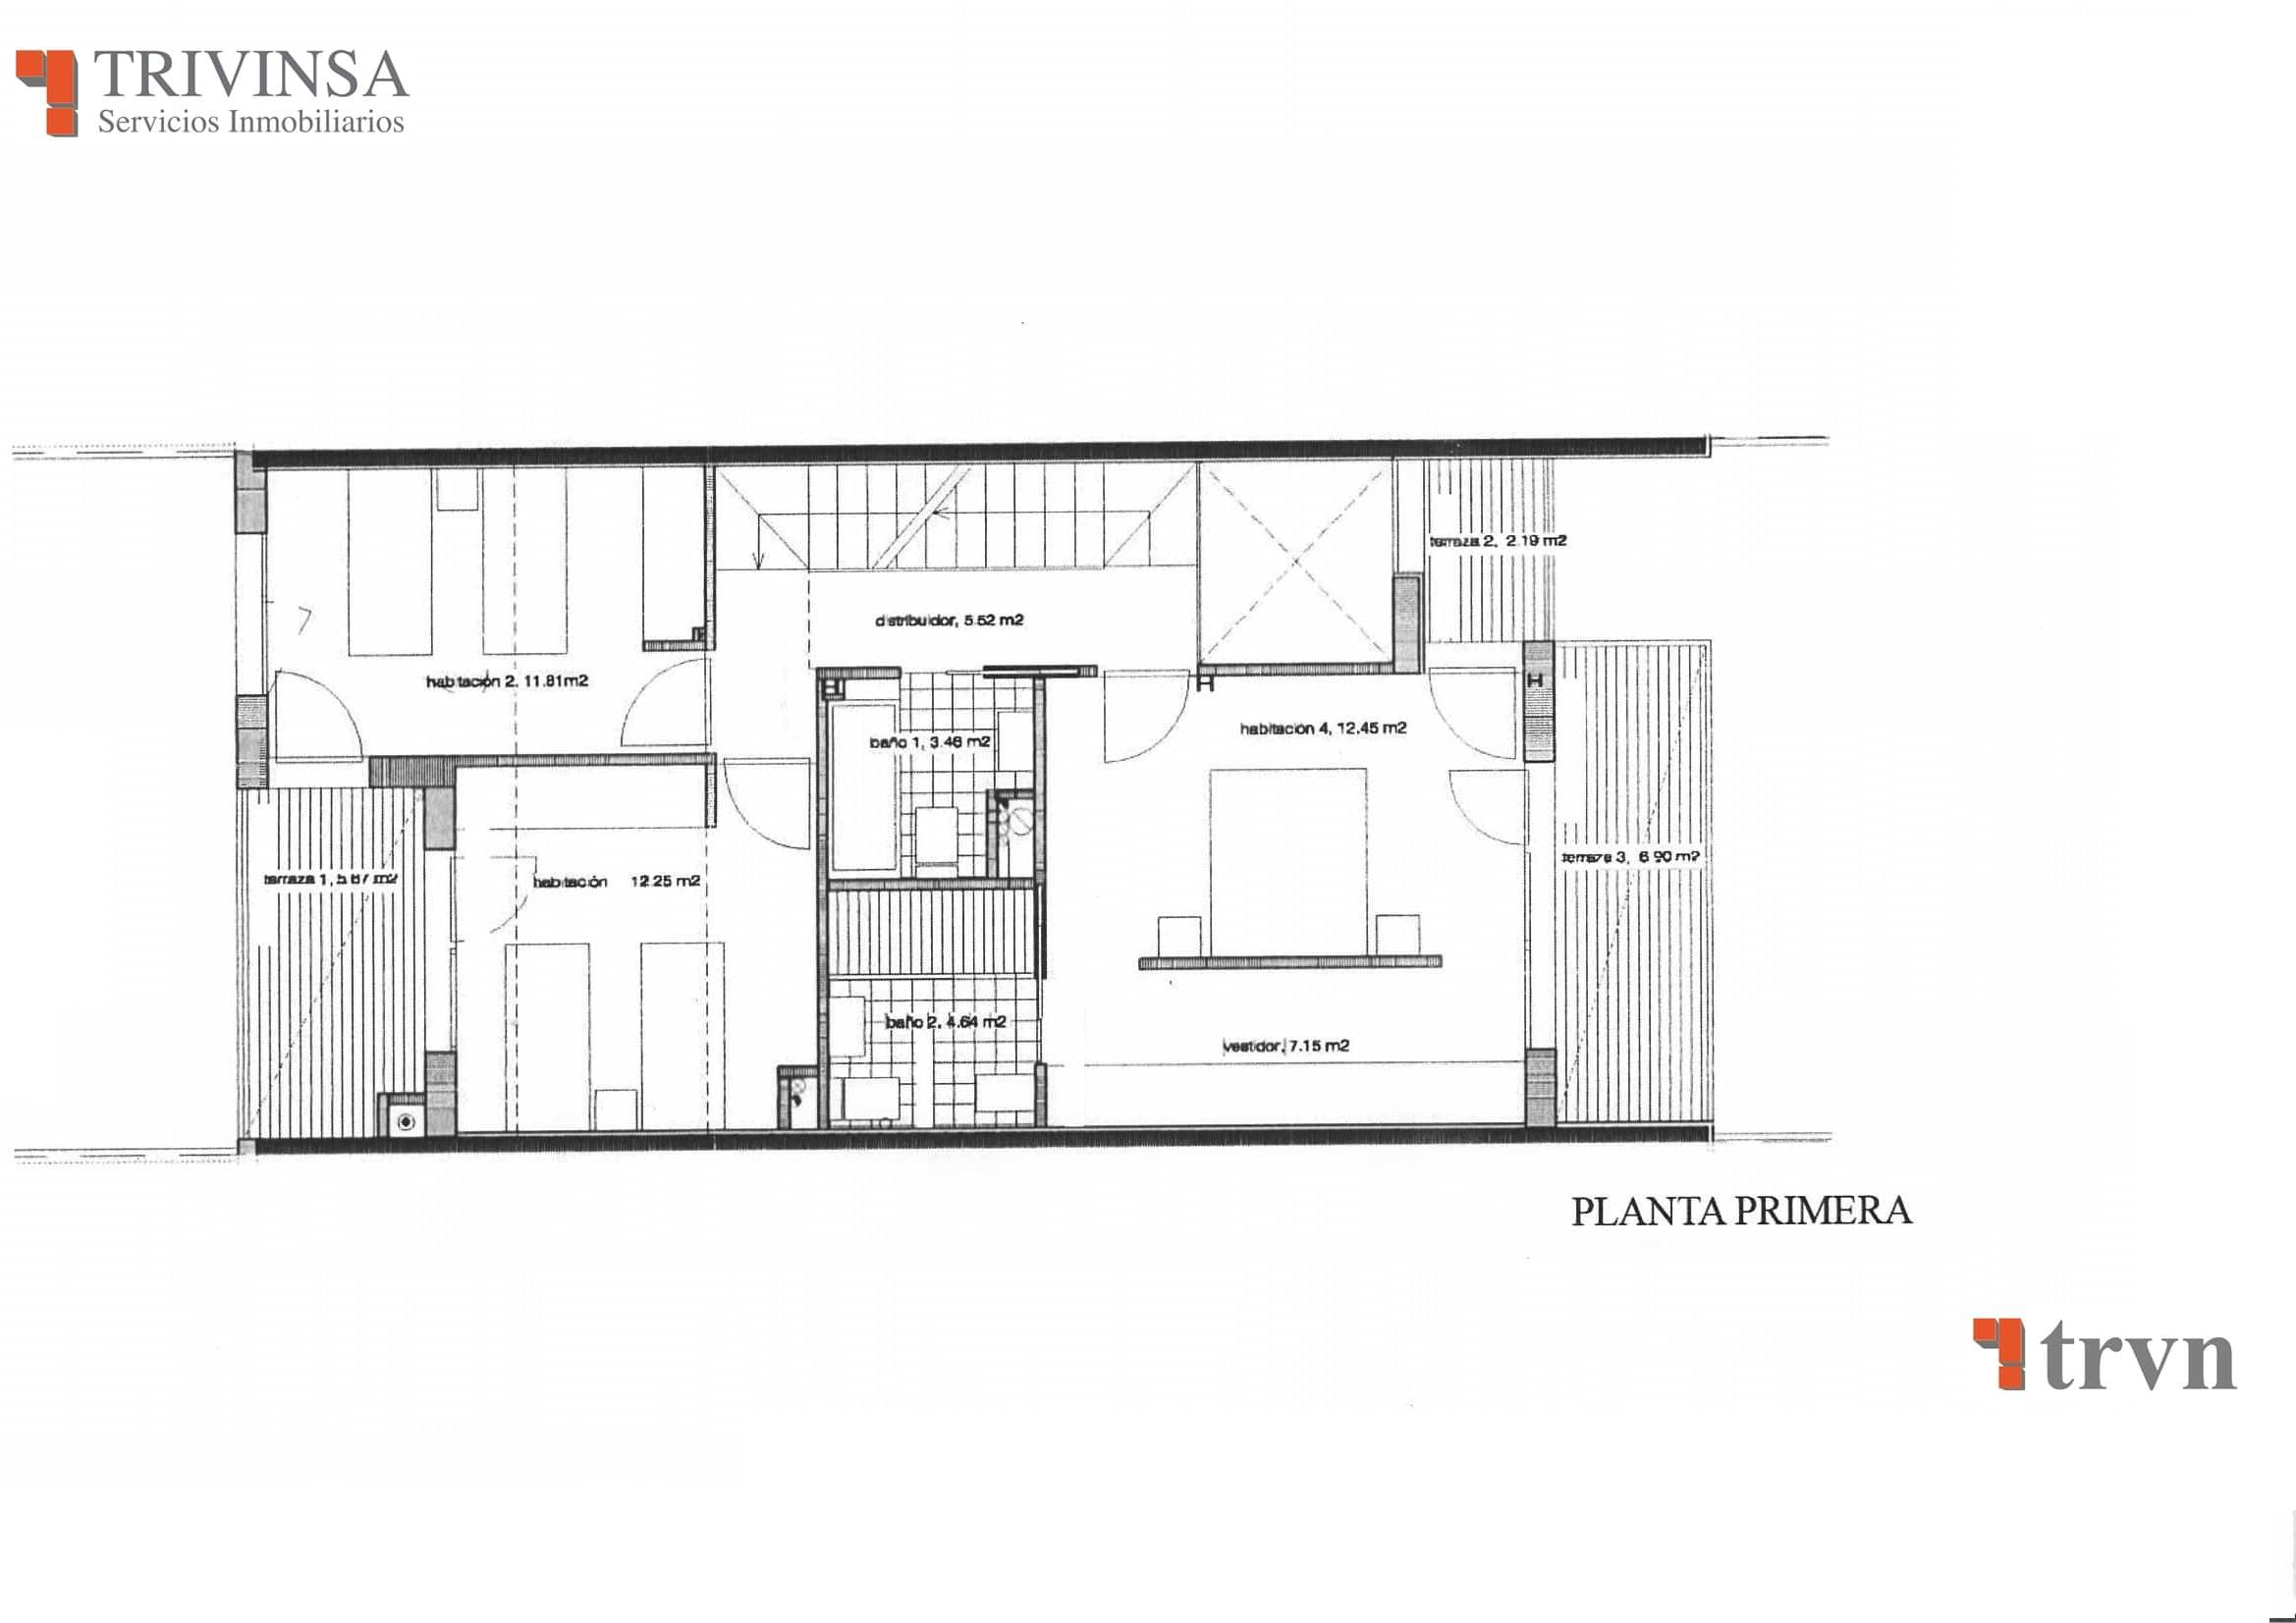 C03537-P.PRIMERA